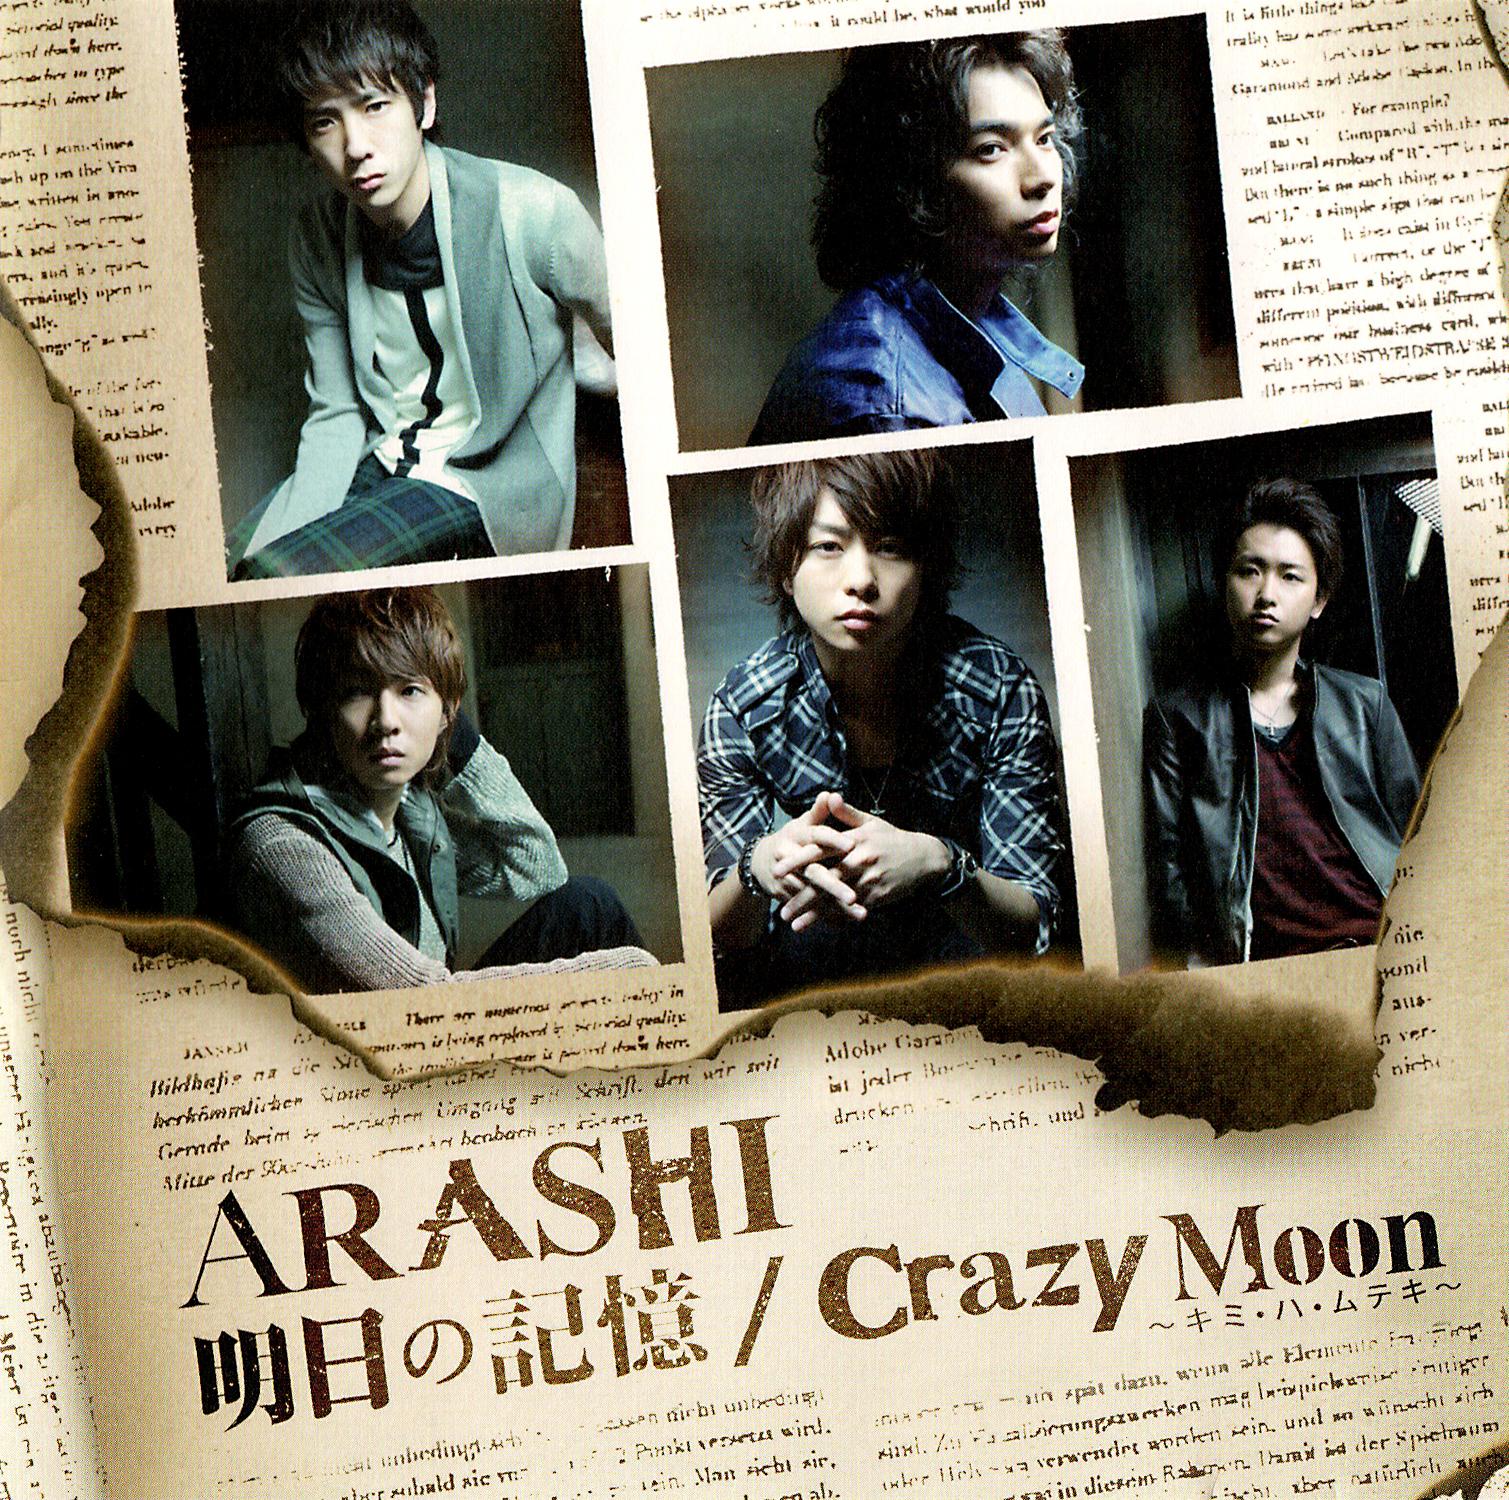 嵐 (あらし) 26thシングル『Crazy Moon ~キミ・ハ・ムテキ~ / 明日の記憶』初回限定盤① (2009年) 高画質ジャケット画像